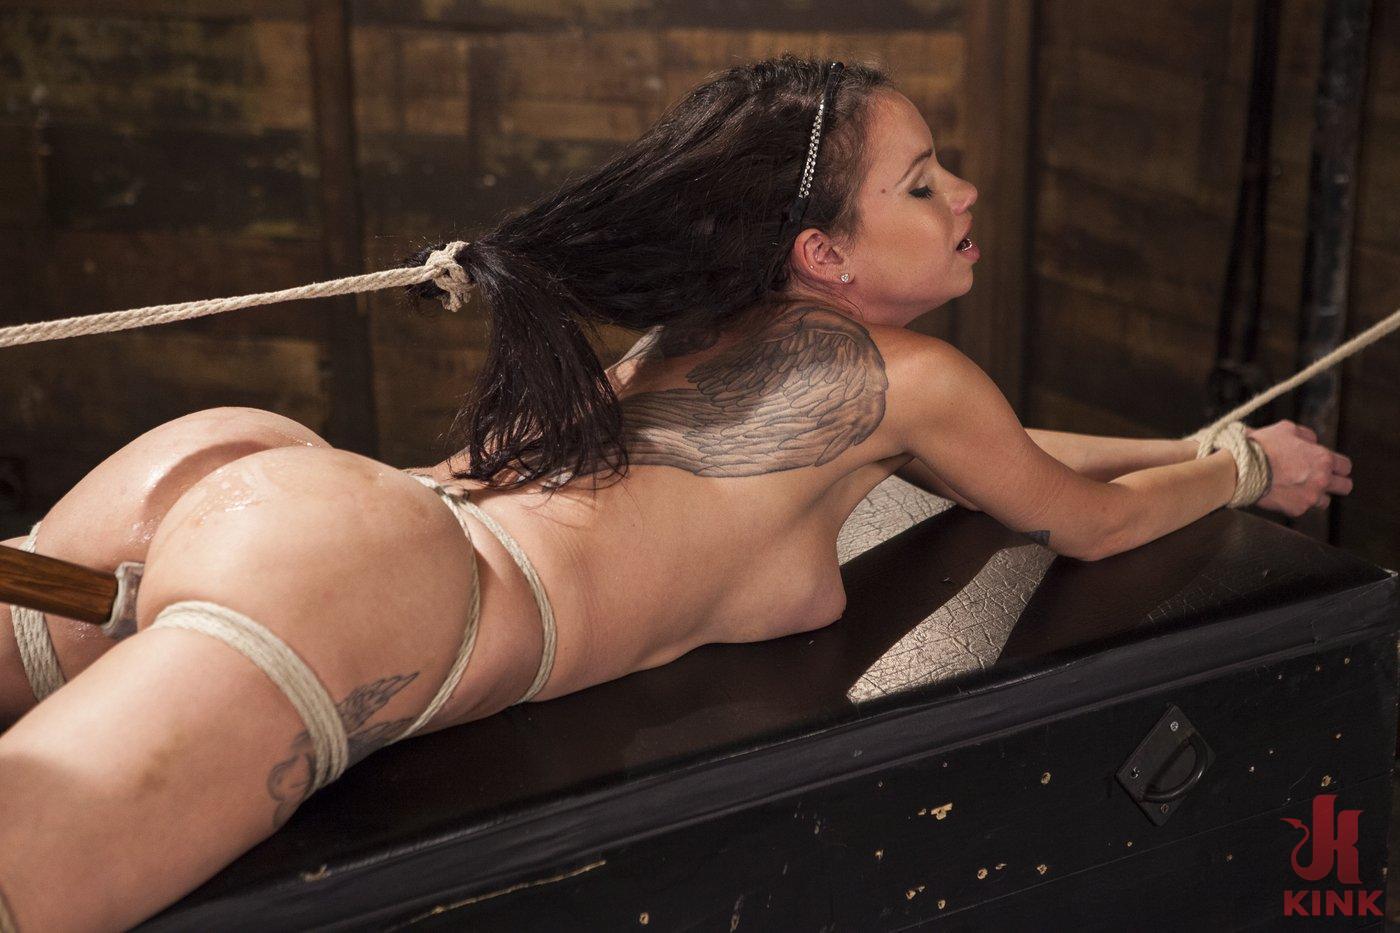 Photo number 8 from Big tit Brunette caught in brutal bondage. shot for Hogtied on Kink.com. Featuring Sgt. Major and Raven Bay in hardcore BDSM & Fetish porn.